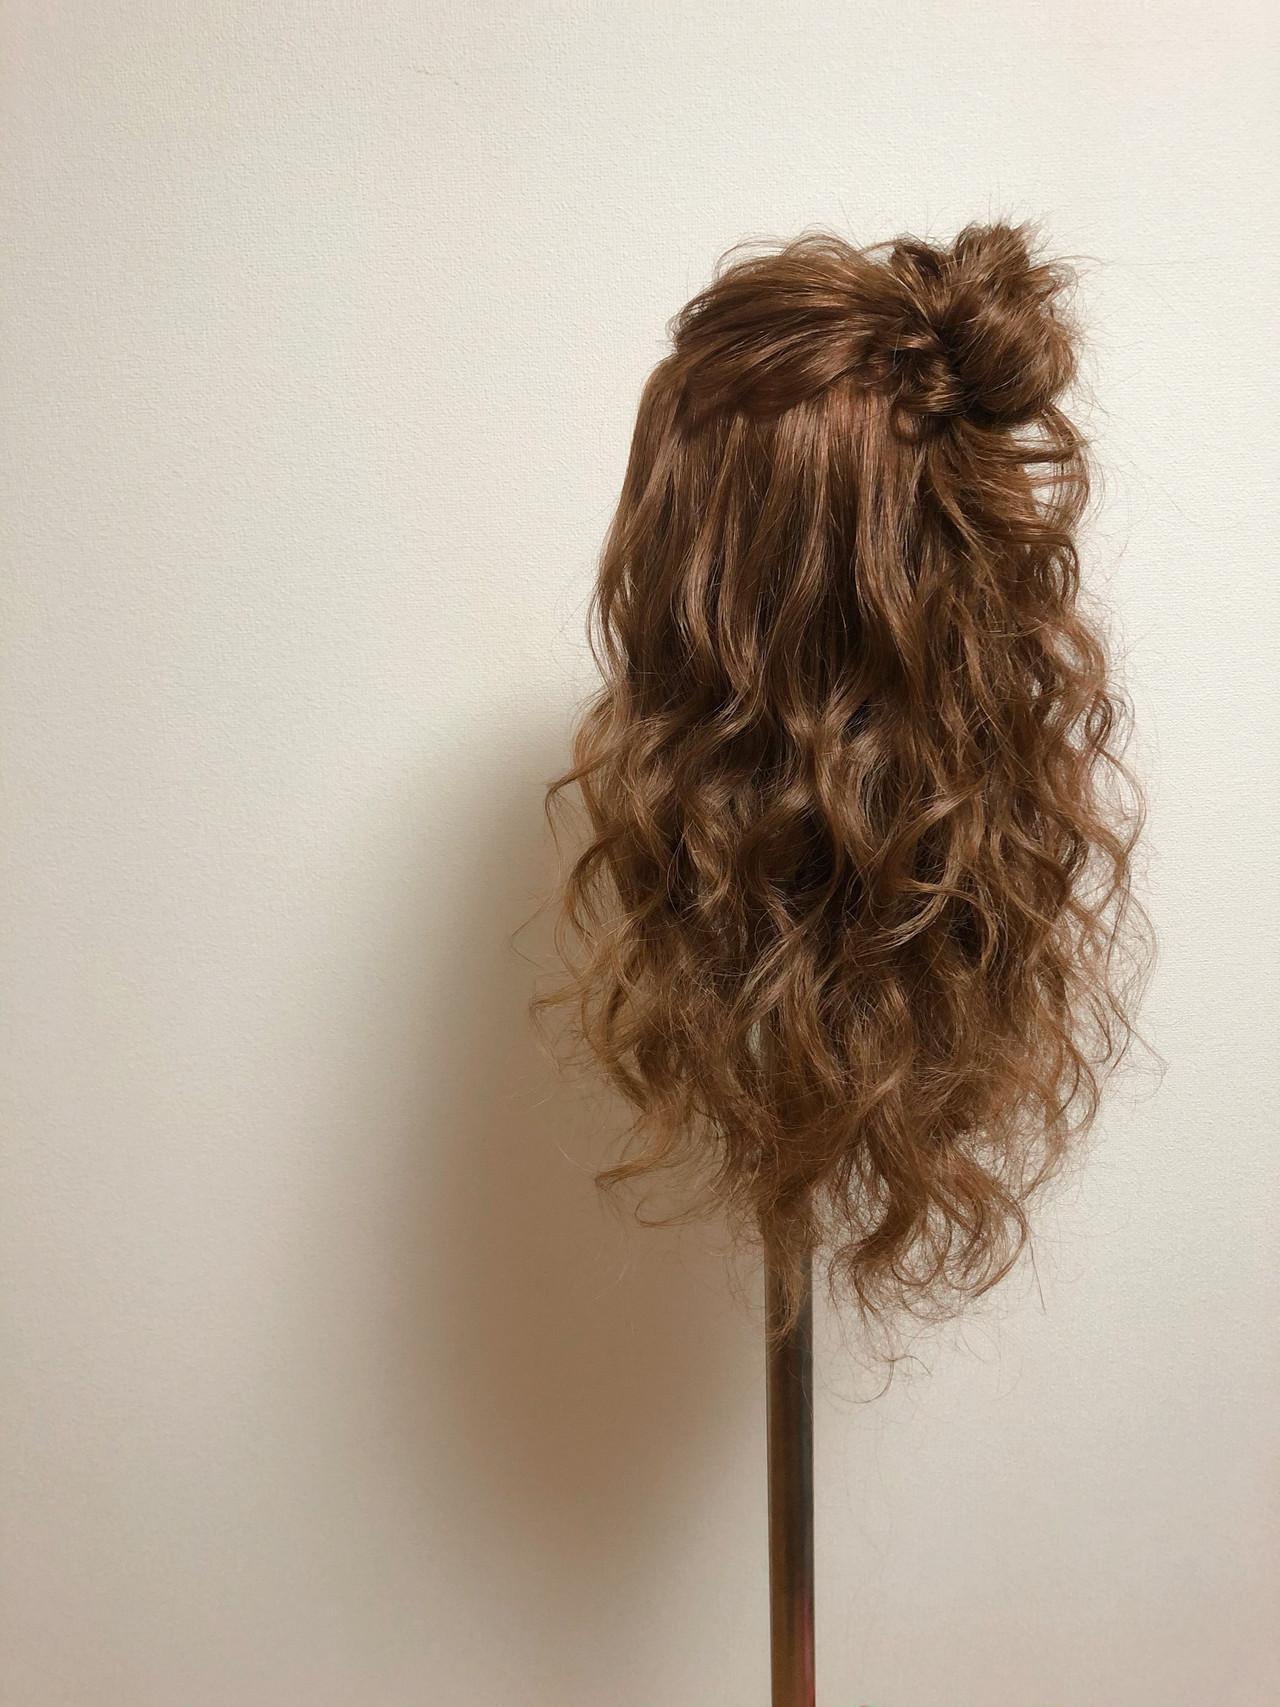 ハーフアップ フェミニン セミロング お団子アレンジ ヘアスタイルや髪型の写真・画像